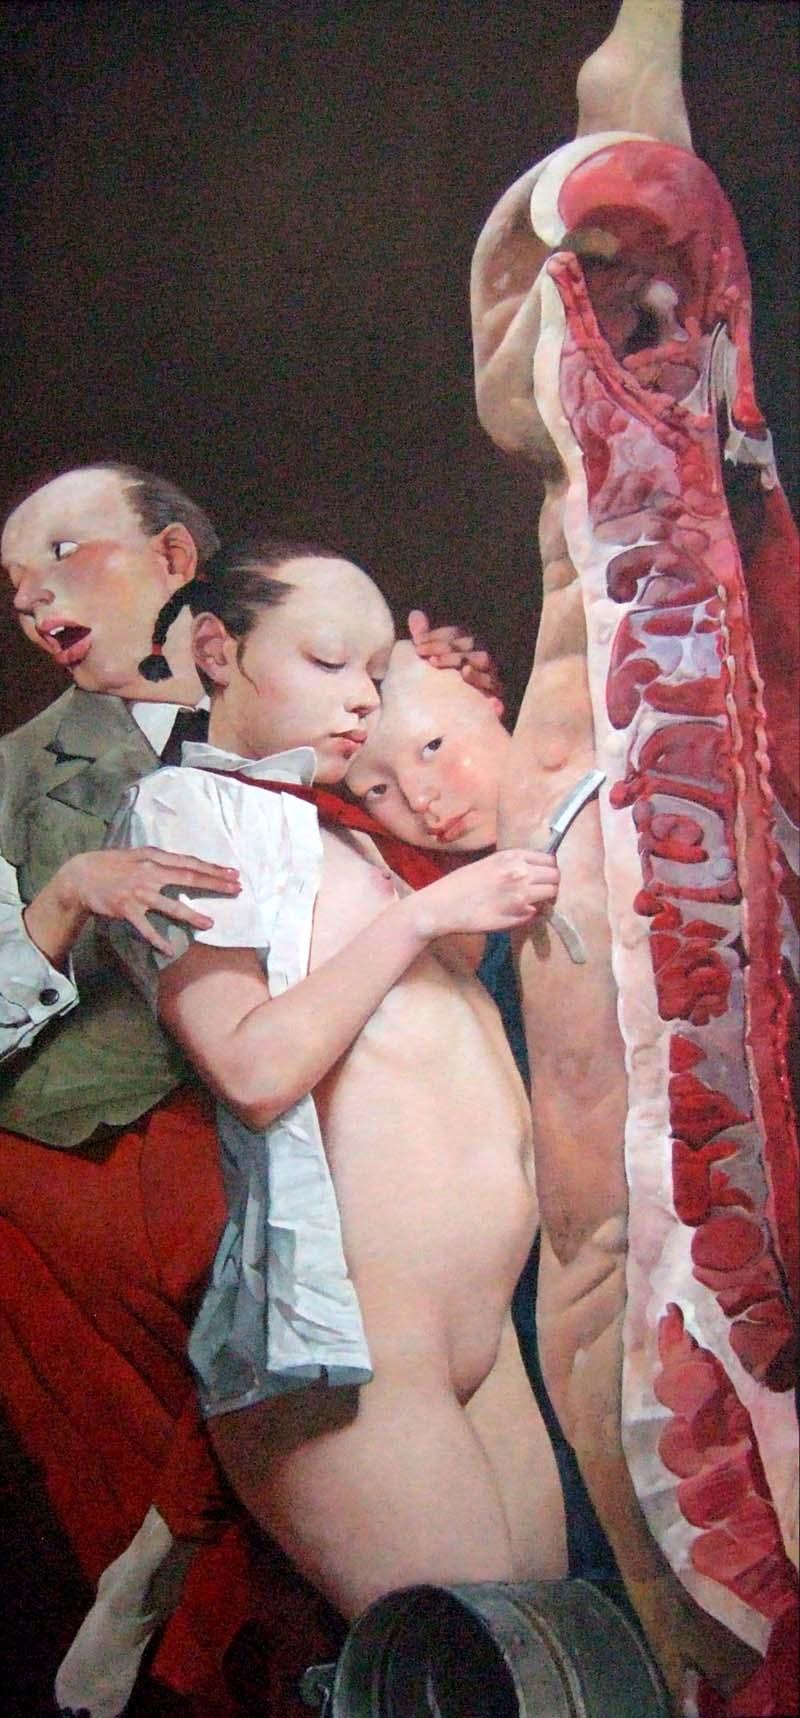 вэй донг wei dong арт искусство живопись отвратительные мужики disgusting men